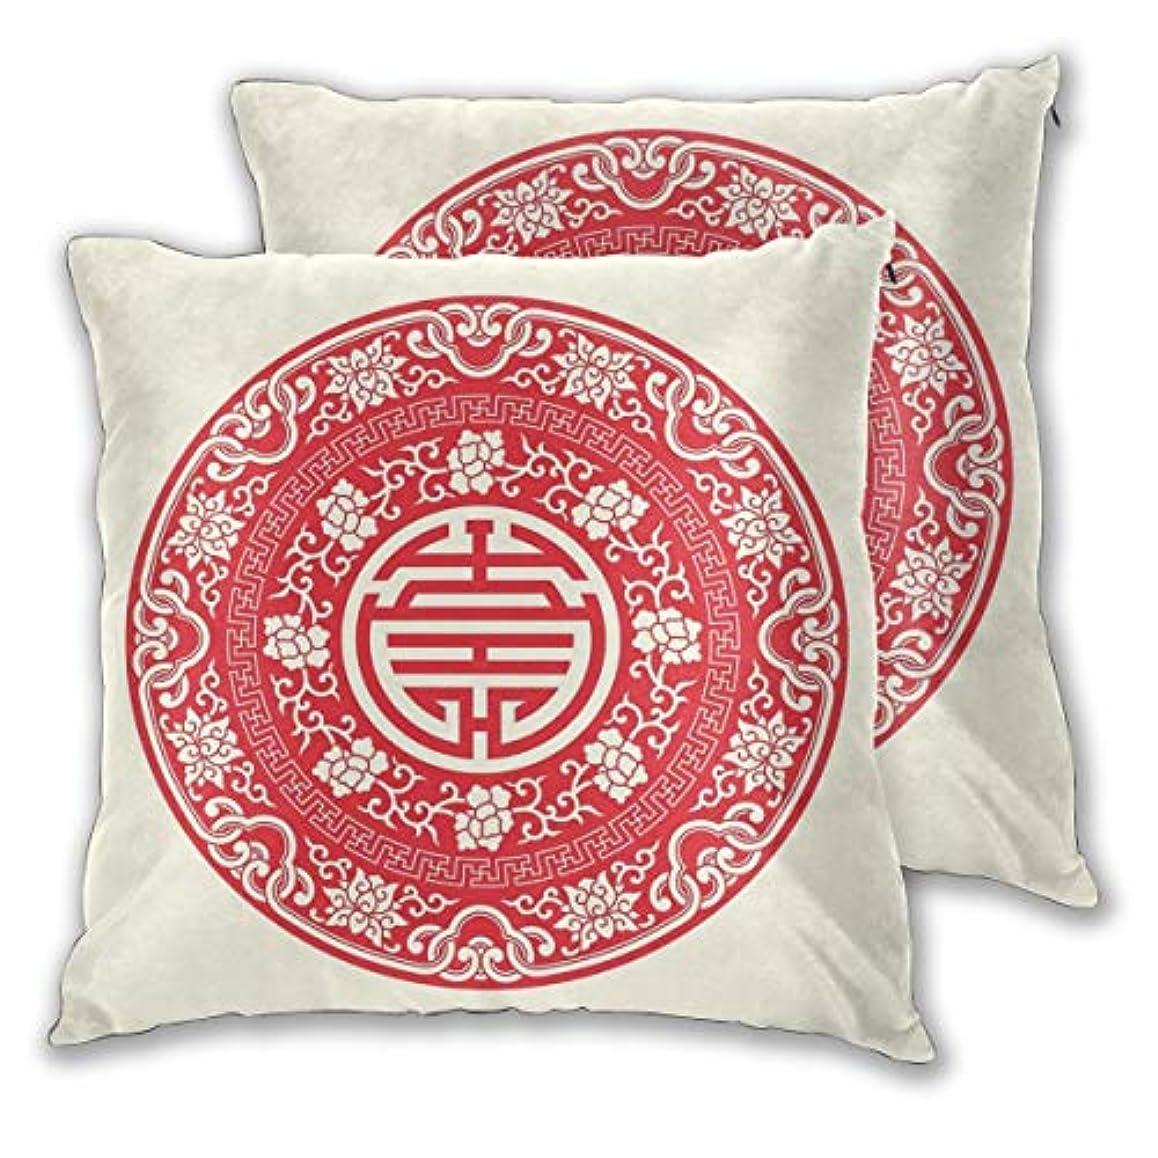 シソーラス証拠起きている枕カバー 2枚,クッションカバー 中国の伝統的な縁起の良いシンボルとサークルフレーム 45X45CM 装飾い 結婚い 新築祝い クリスマス ギフト